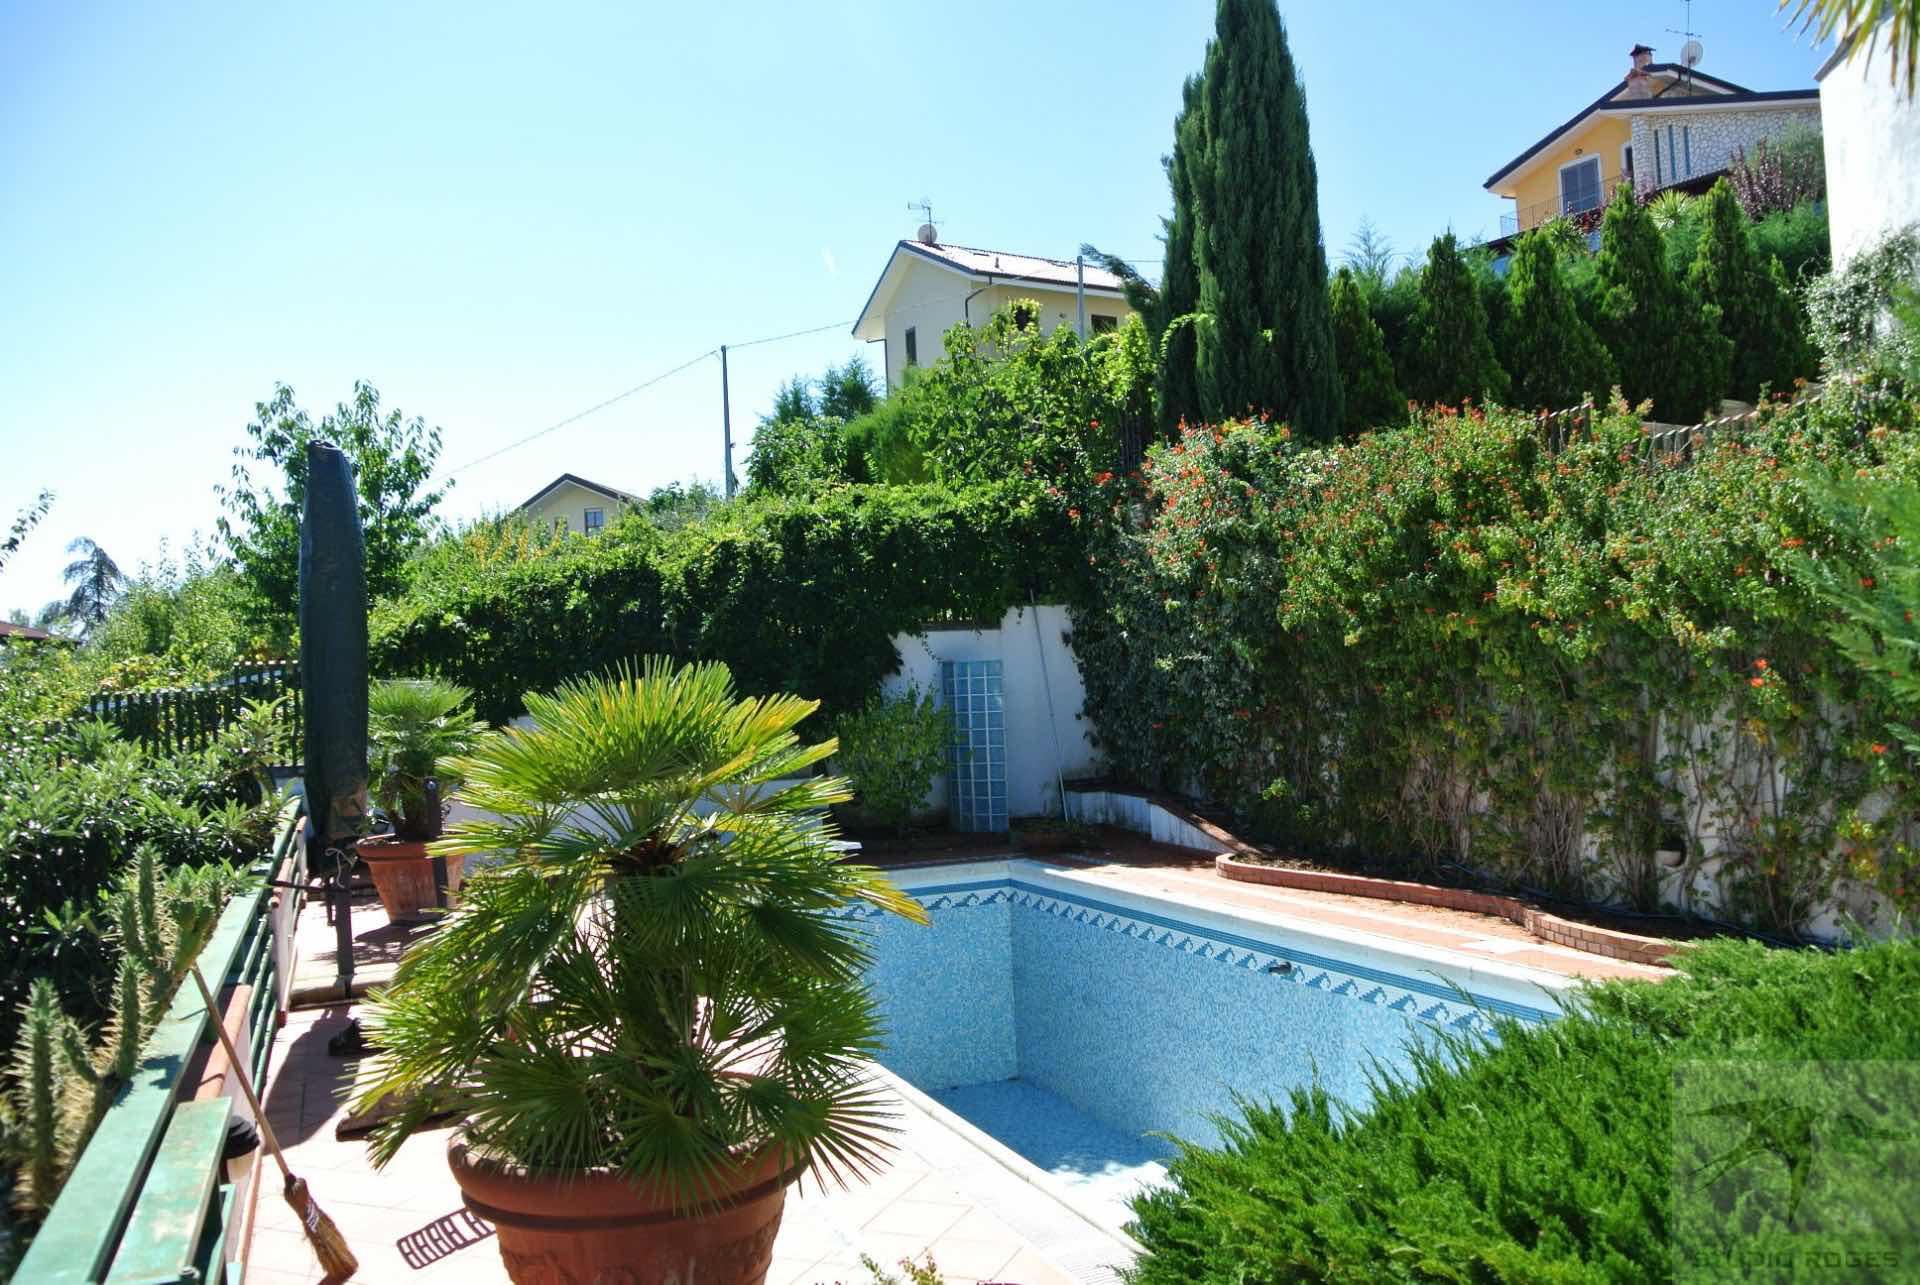 Villa in Vendita 500,00 mq - N. camere: 8 - - Rende - Sant'Agostino-PianoMonello-PianoMaio (CS)